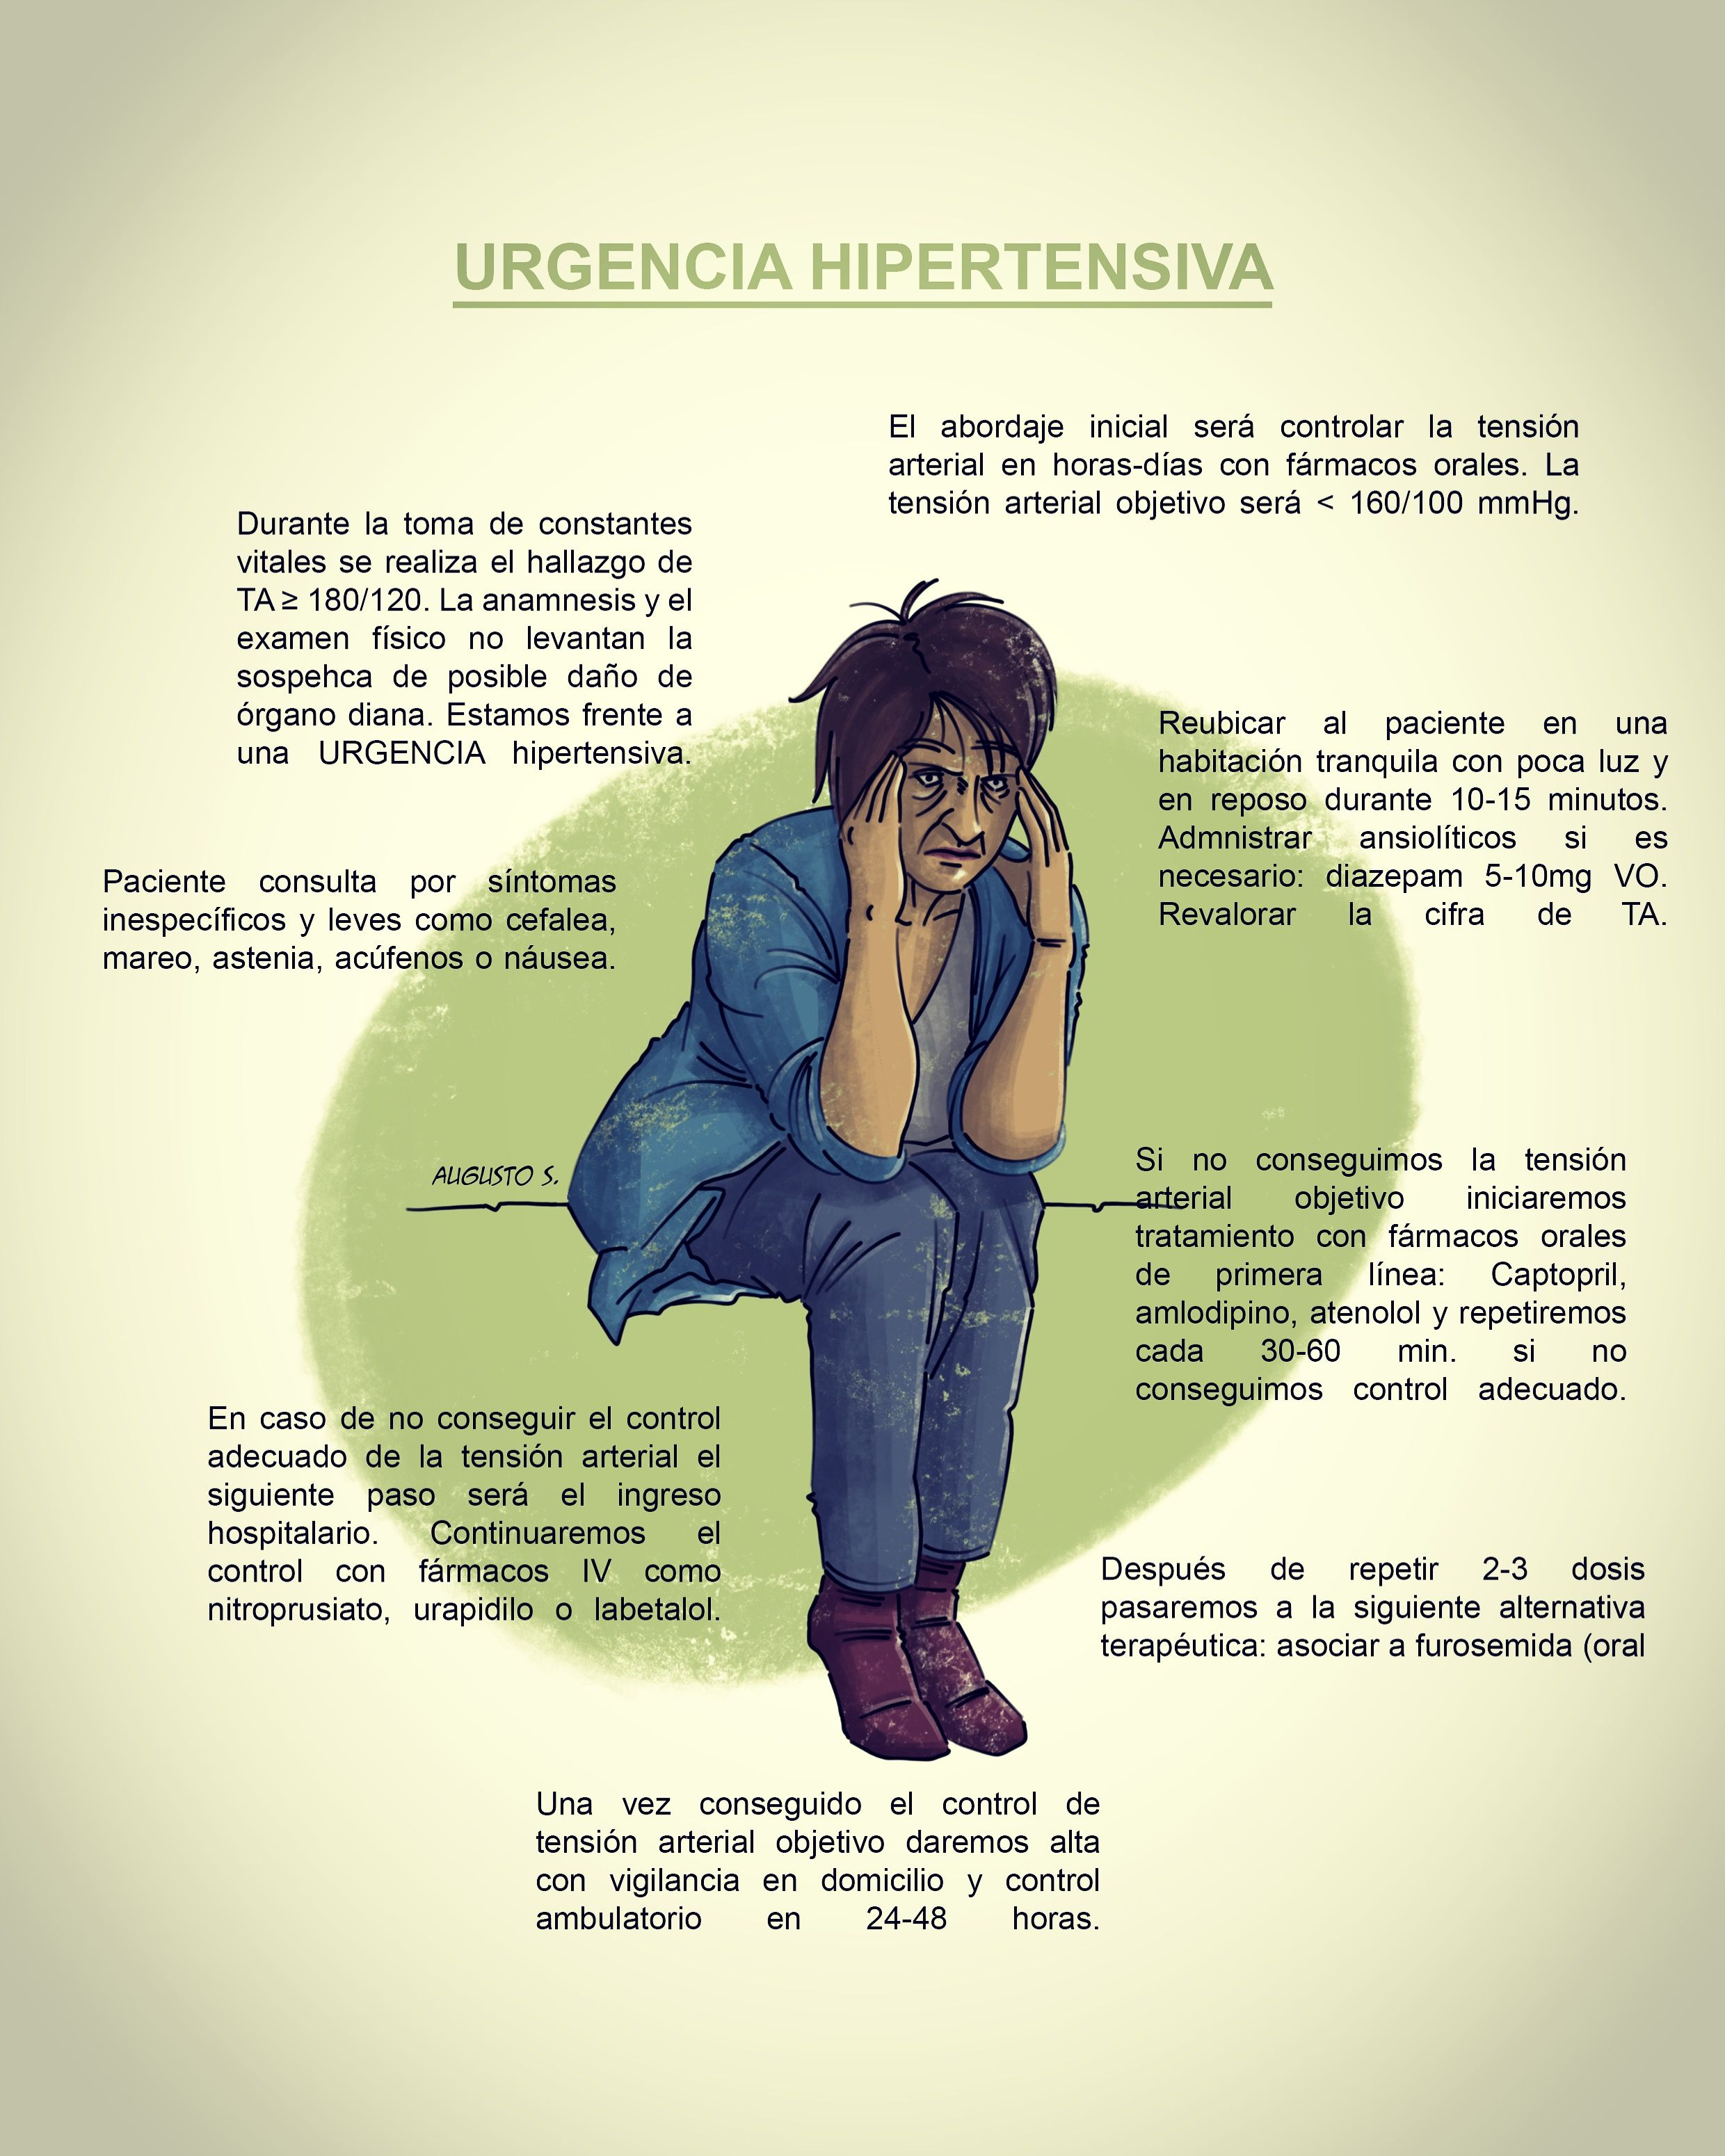 objetivos de tratamiento de diabetes tipo 2 para trastorno de estrés postraumático